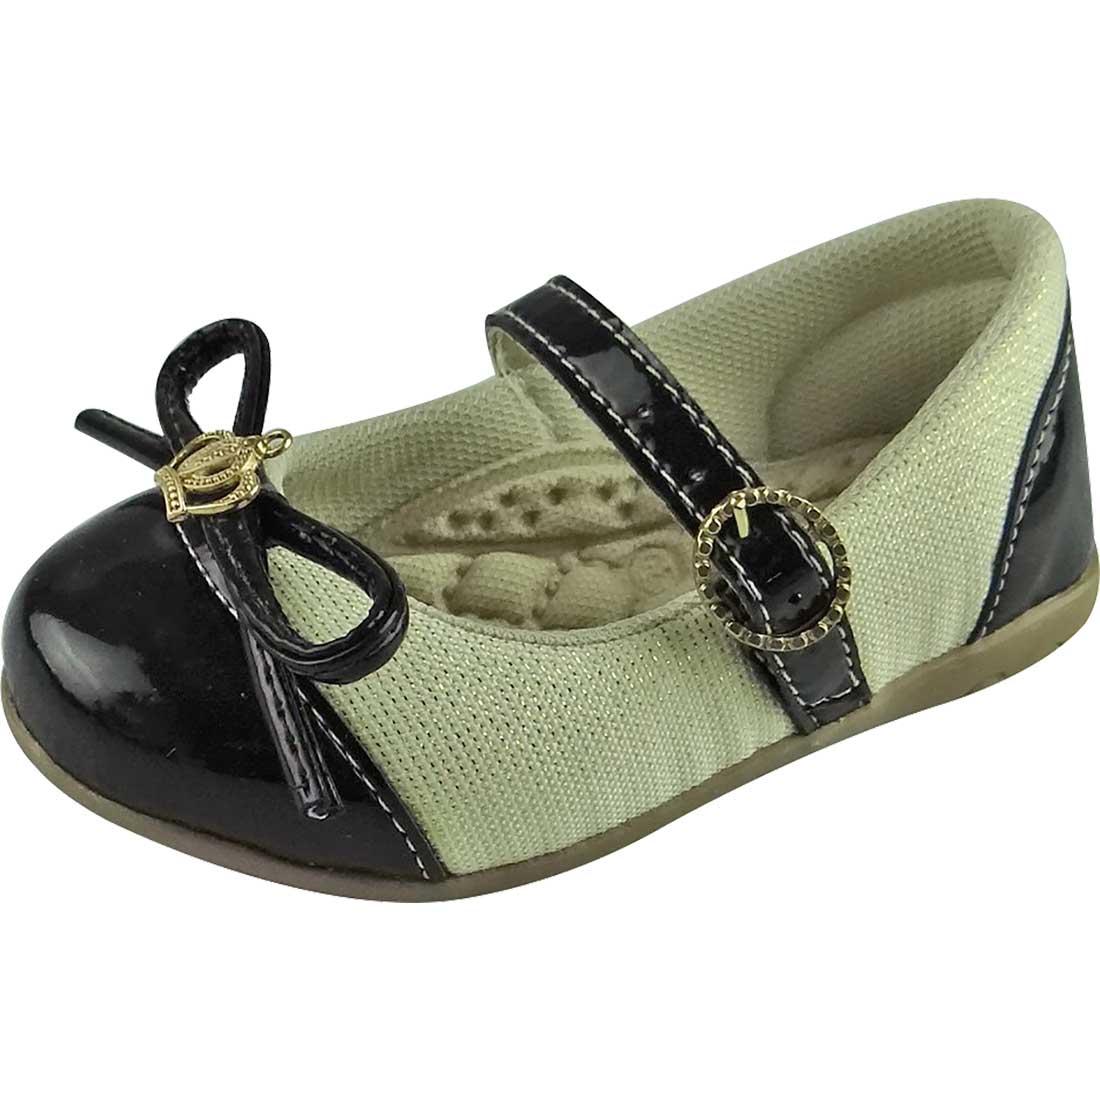 Sapato Boneca Baby com Coroa - Creme e Preto